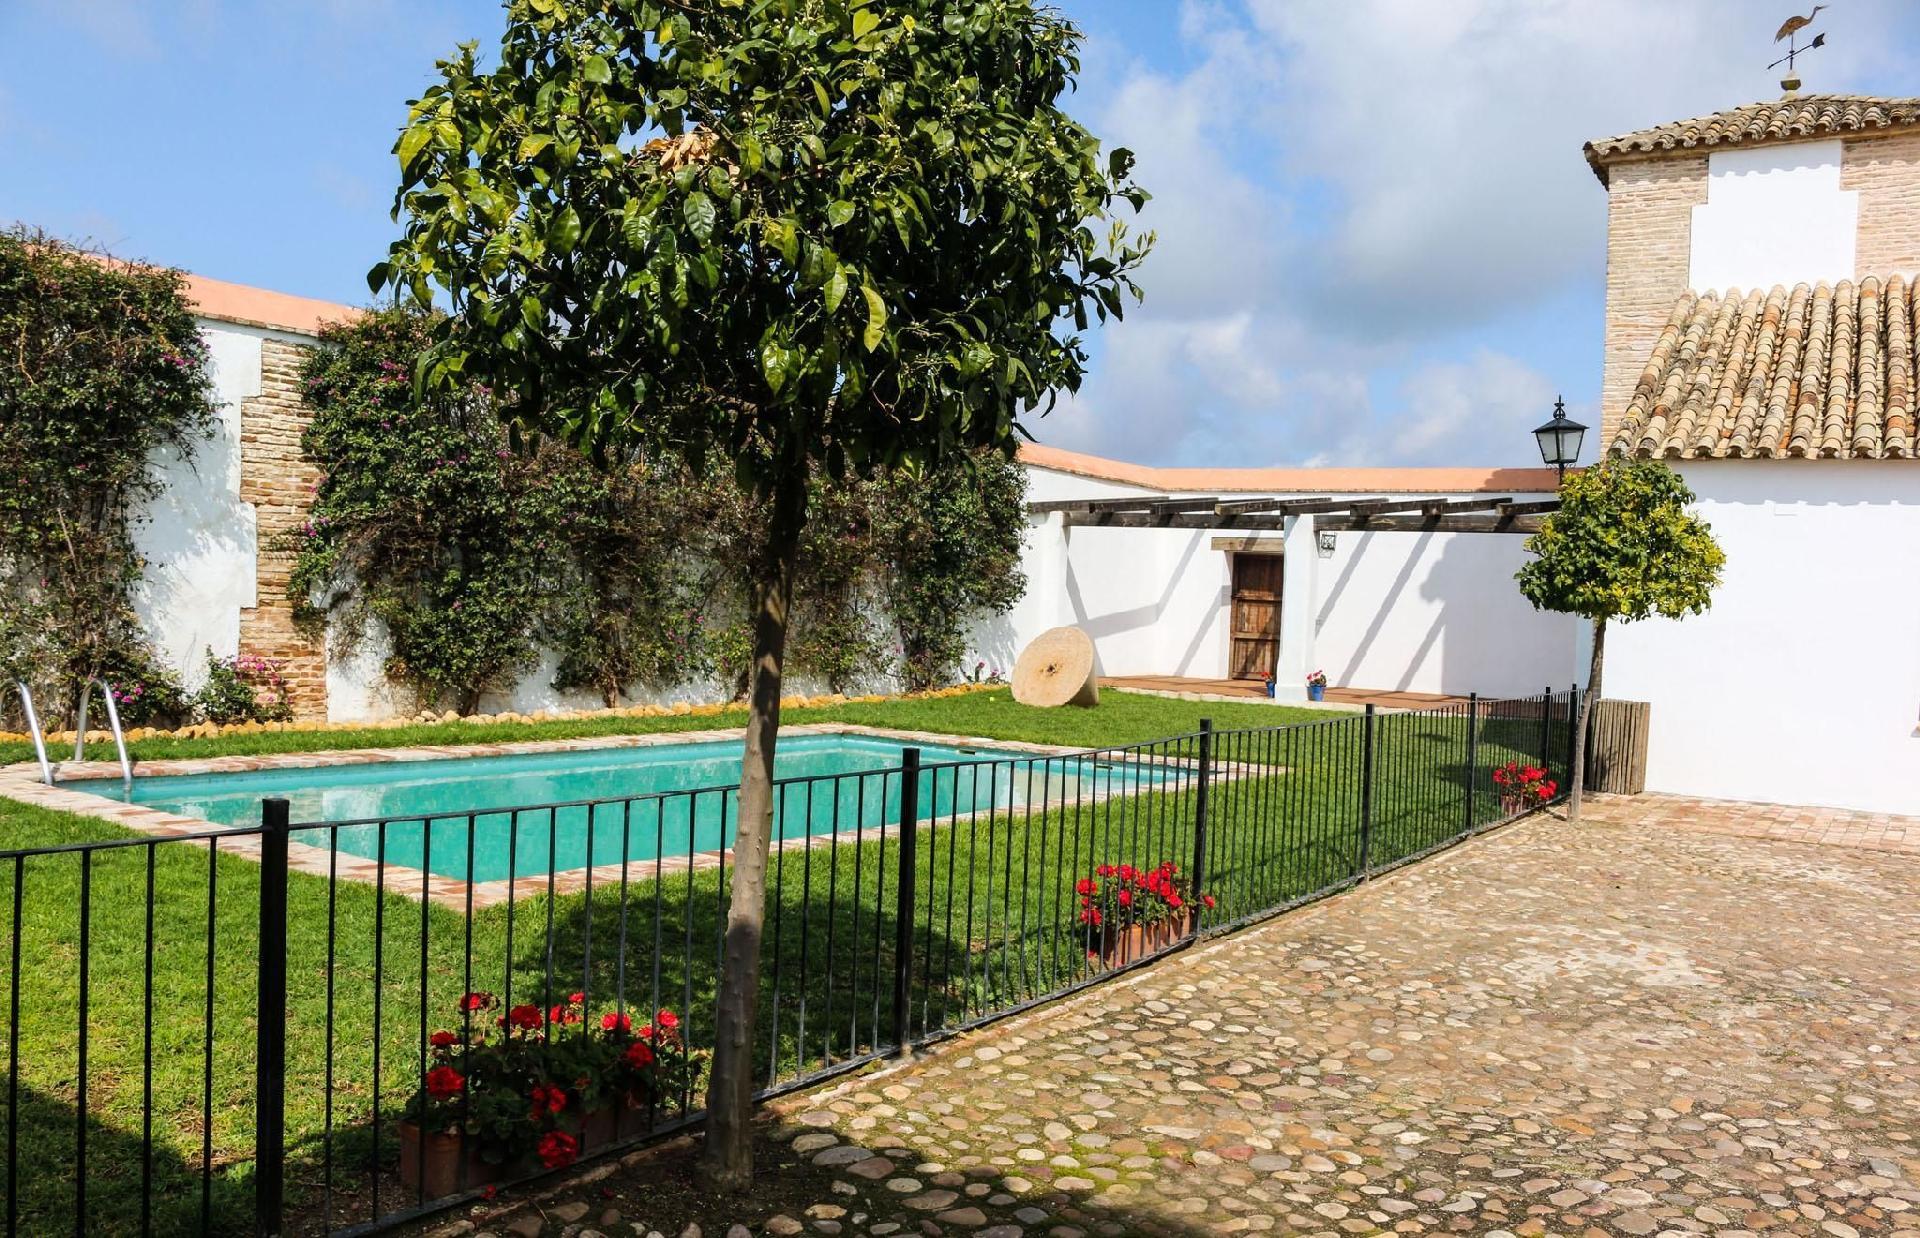 Ferienhaus für 6 Personen ca. 220 m² in  Bauernhof in Spanien